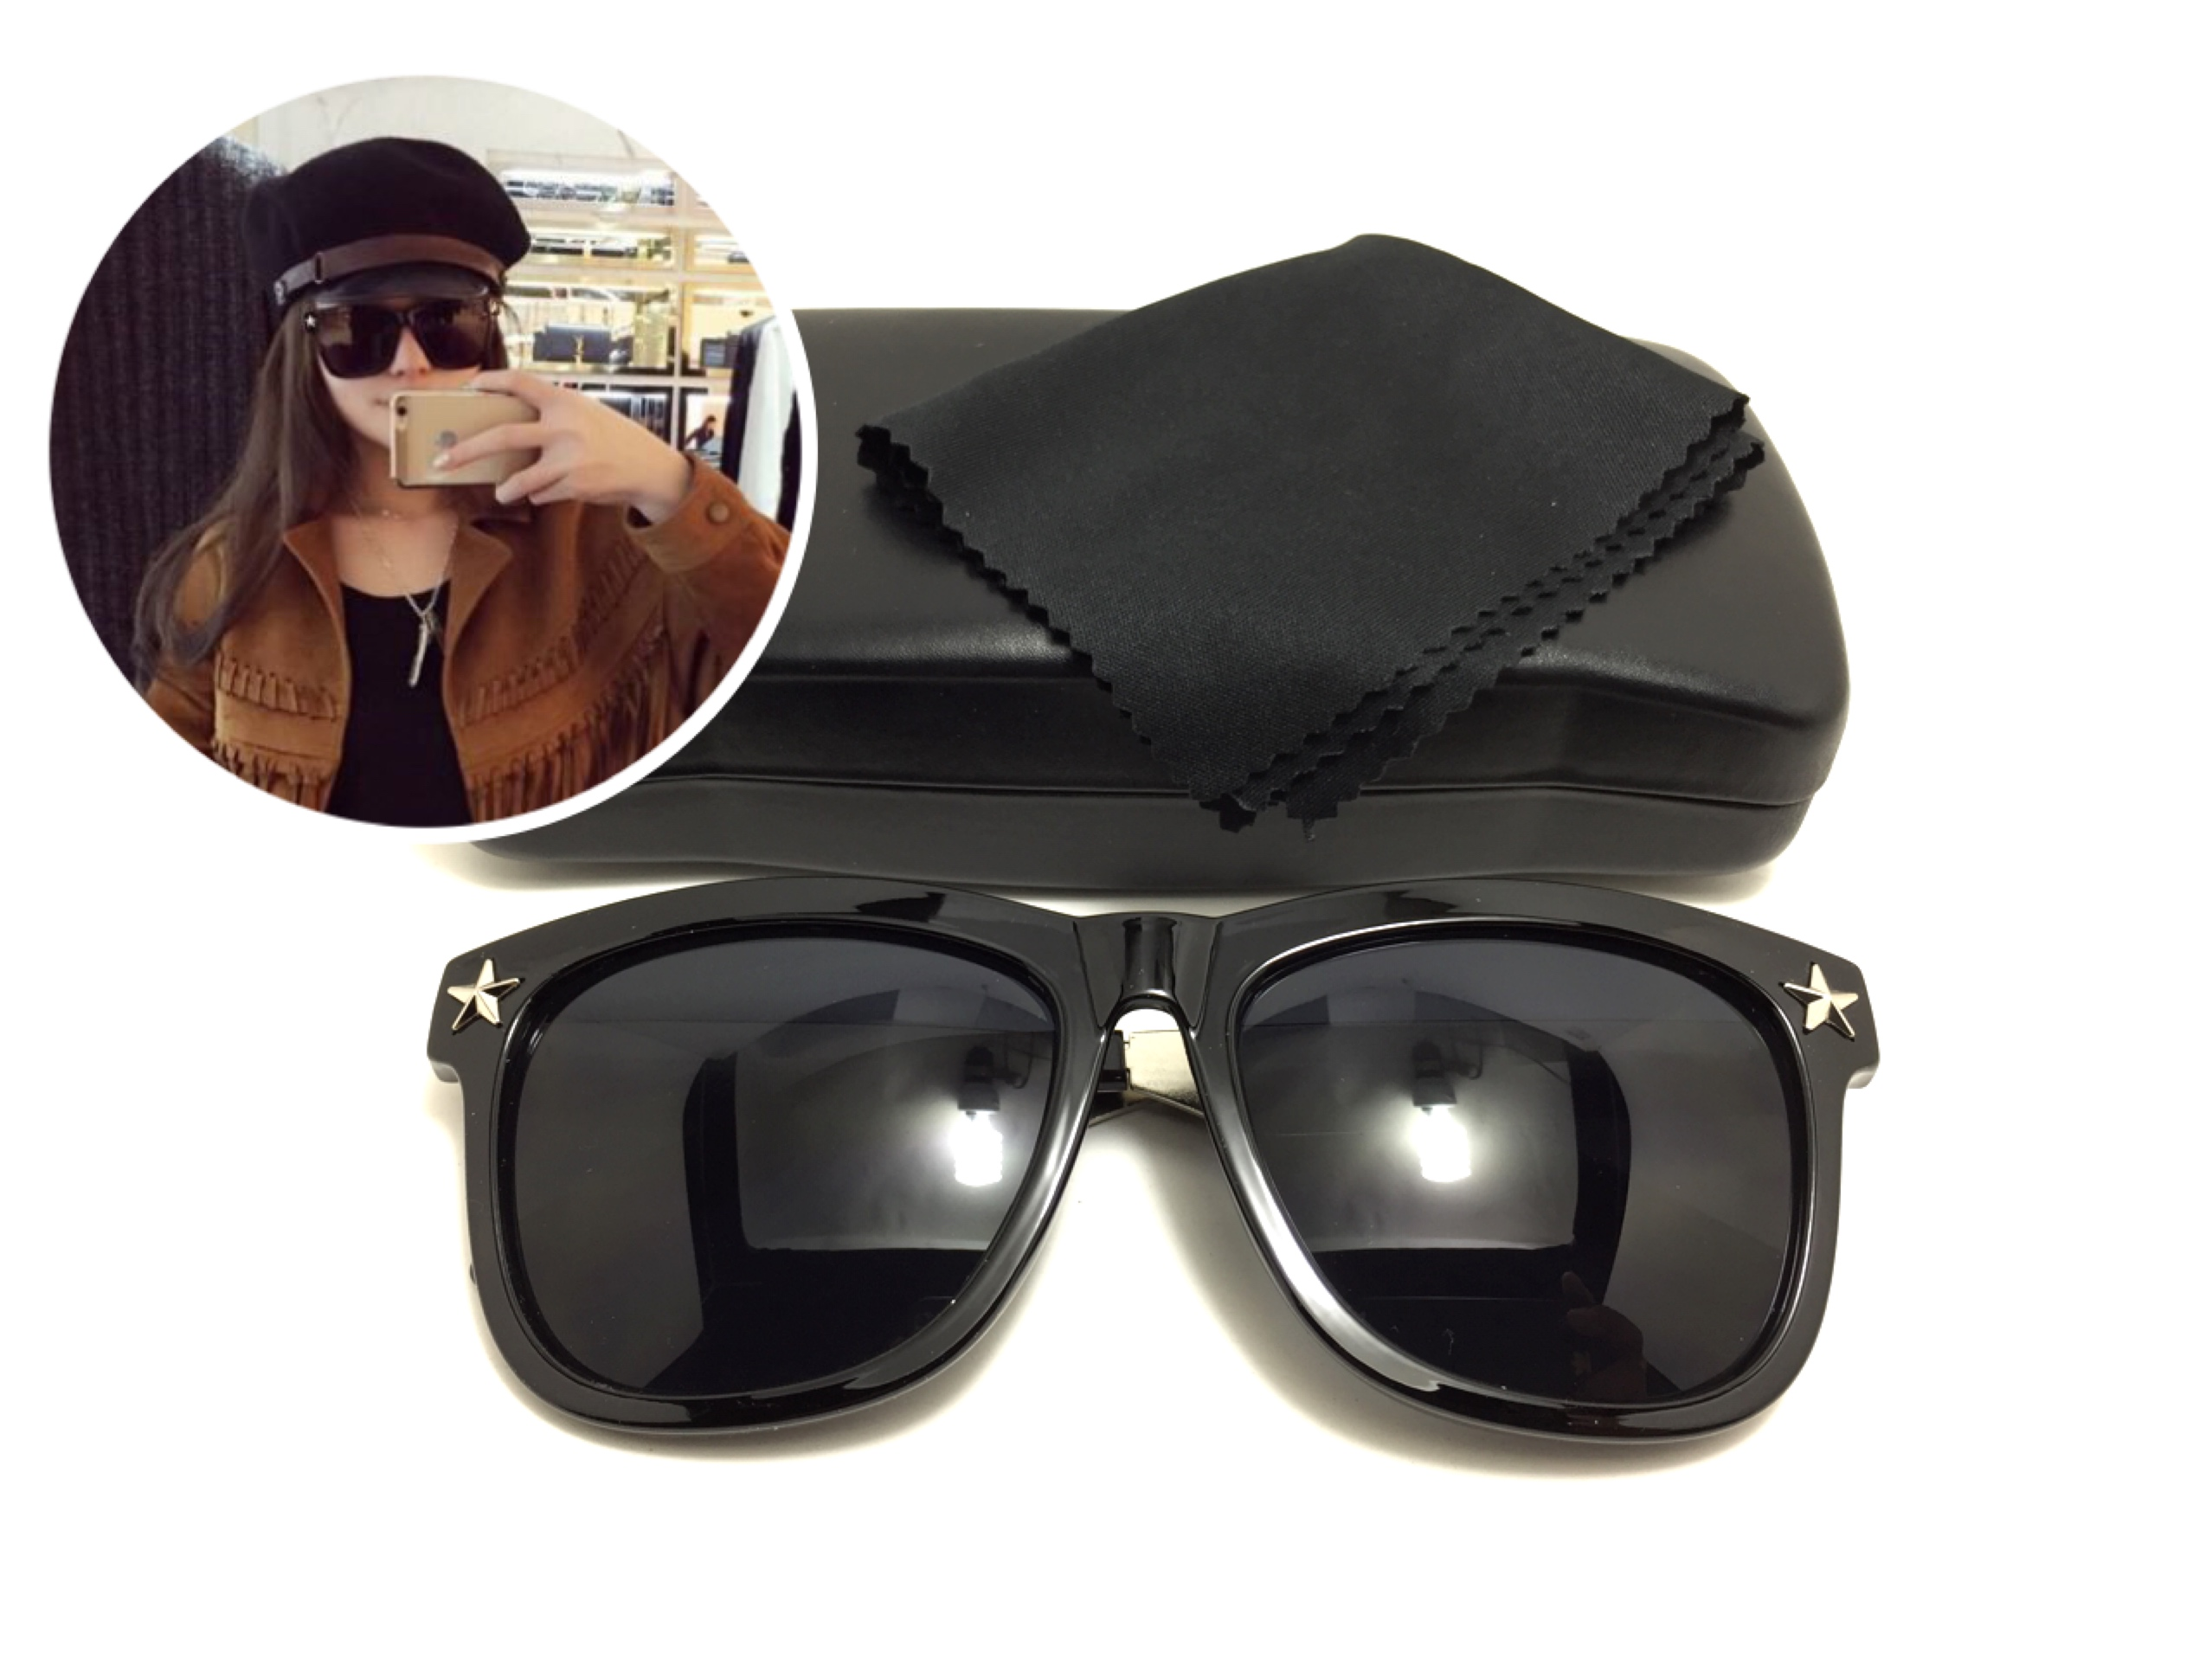 แว่นกันแดดแฟชั่น Black Sheet 77657 58-19 137 <ดำ>